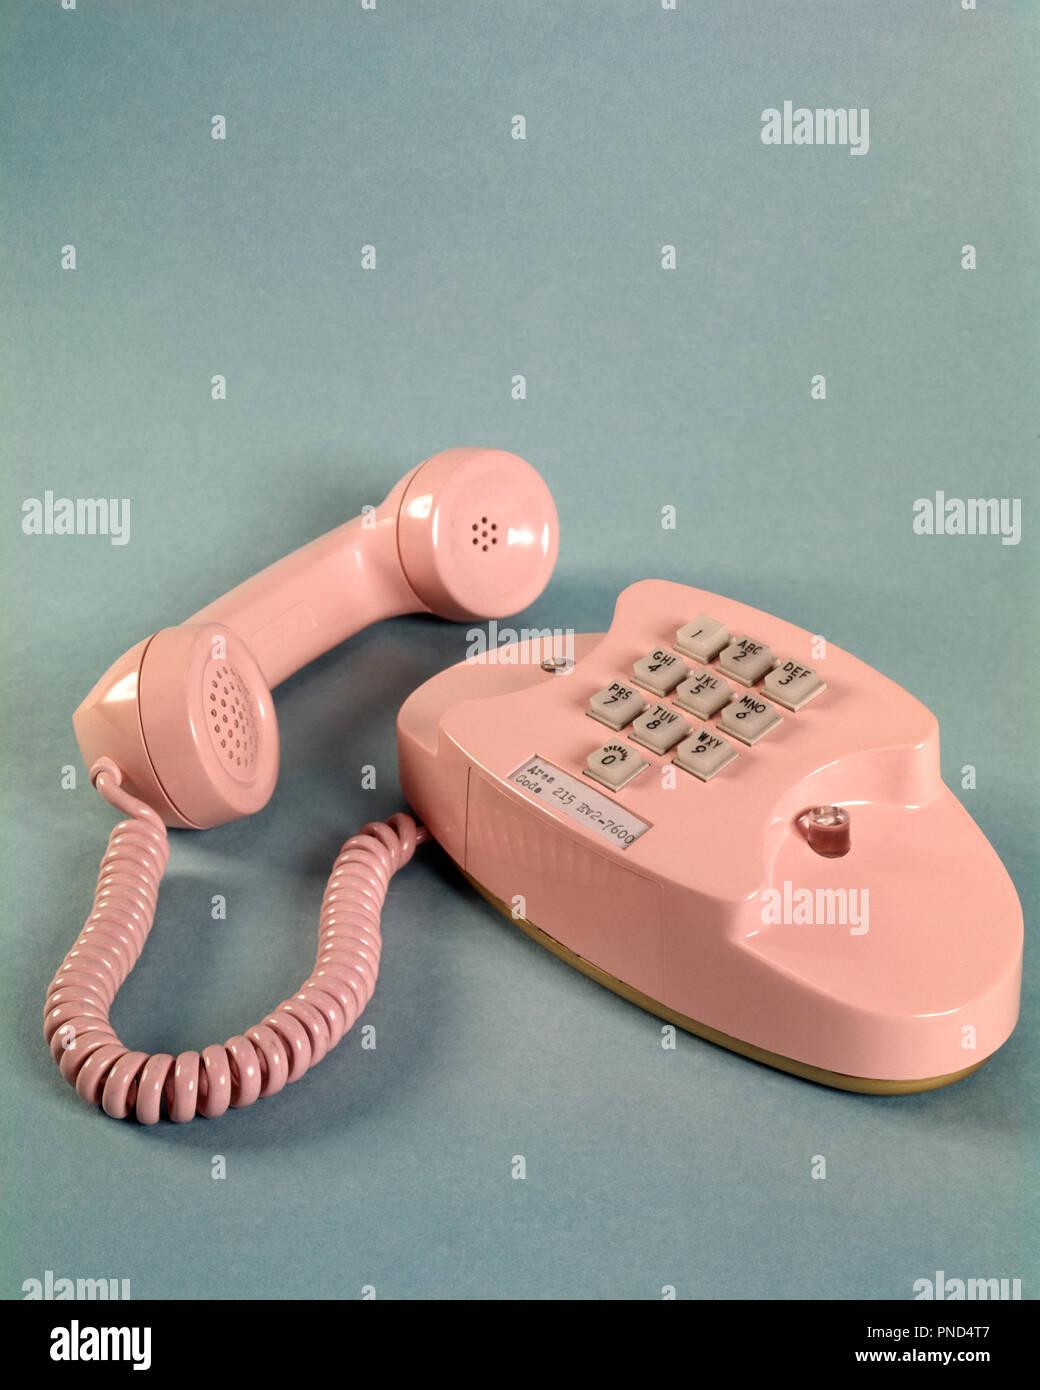 At & t haken up phone